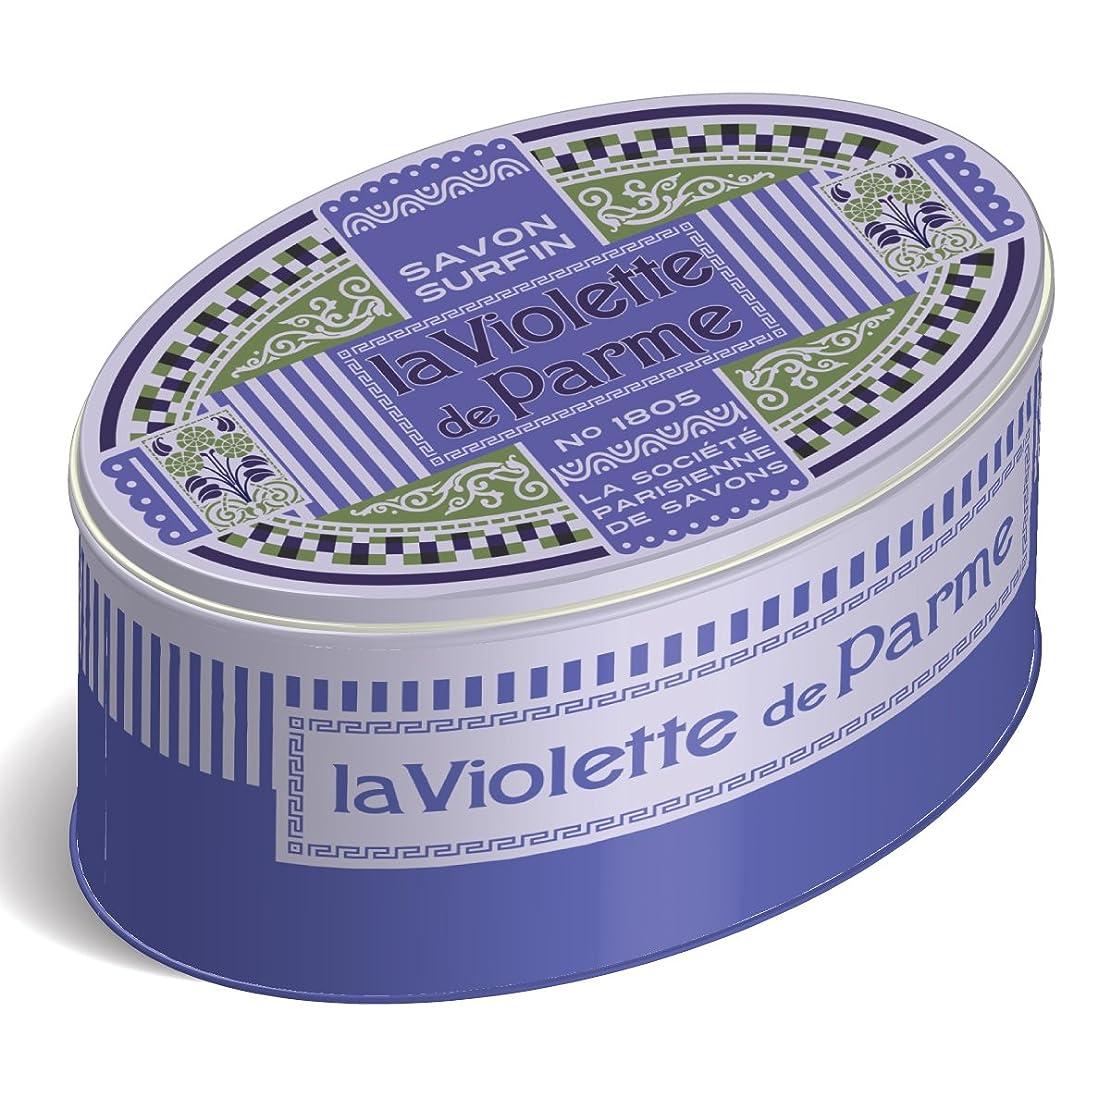 データベース熟達食料品店LA SOCIETE PARISIENNE DE SAVONS フレグランスソープ(缶入) 250g 「ラヴィオットデパルム」 3440576130614